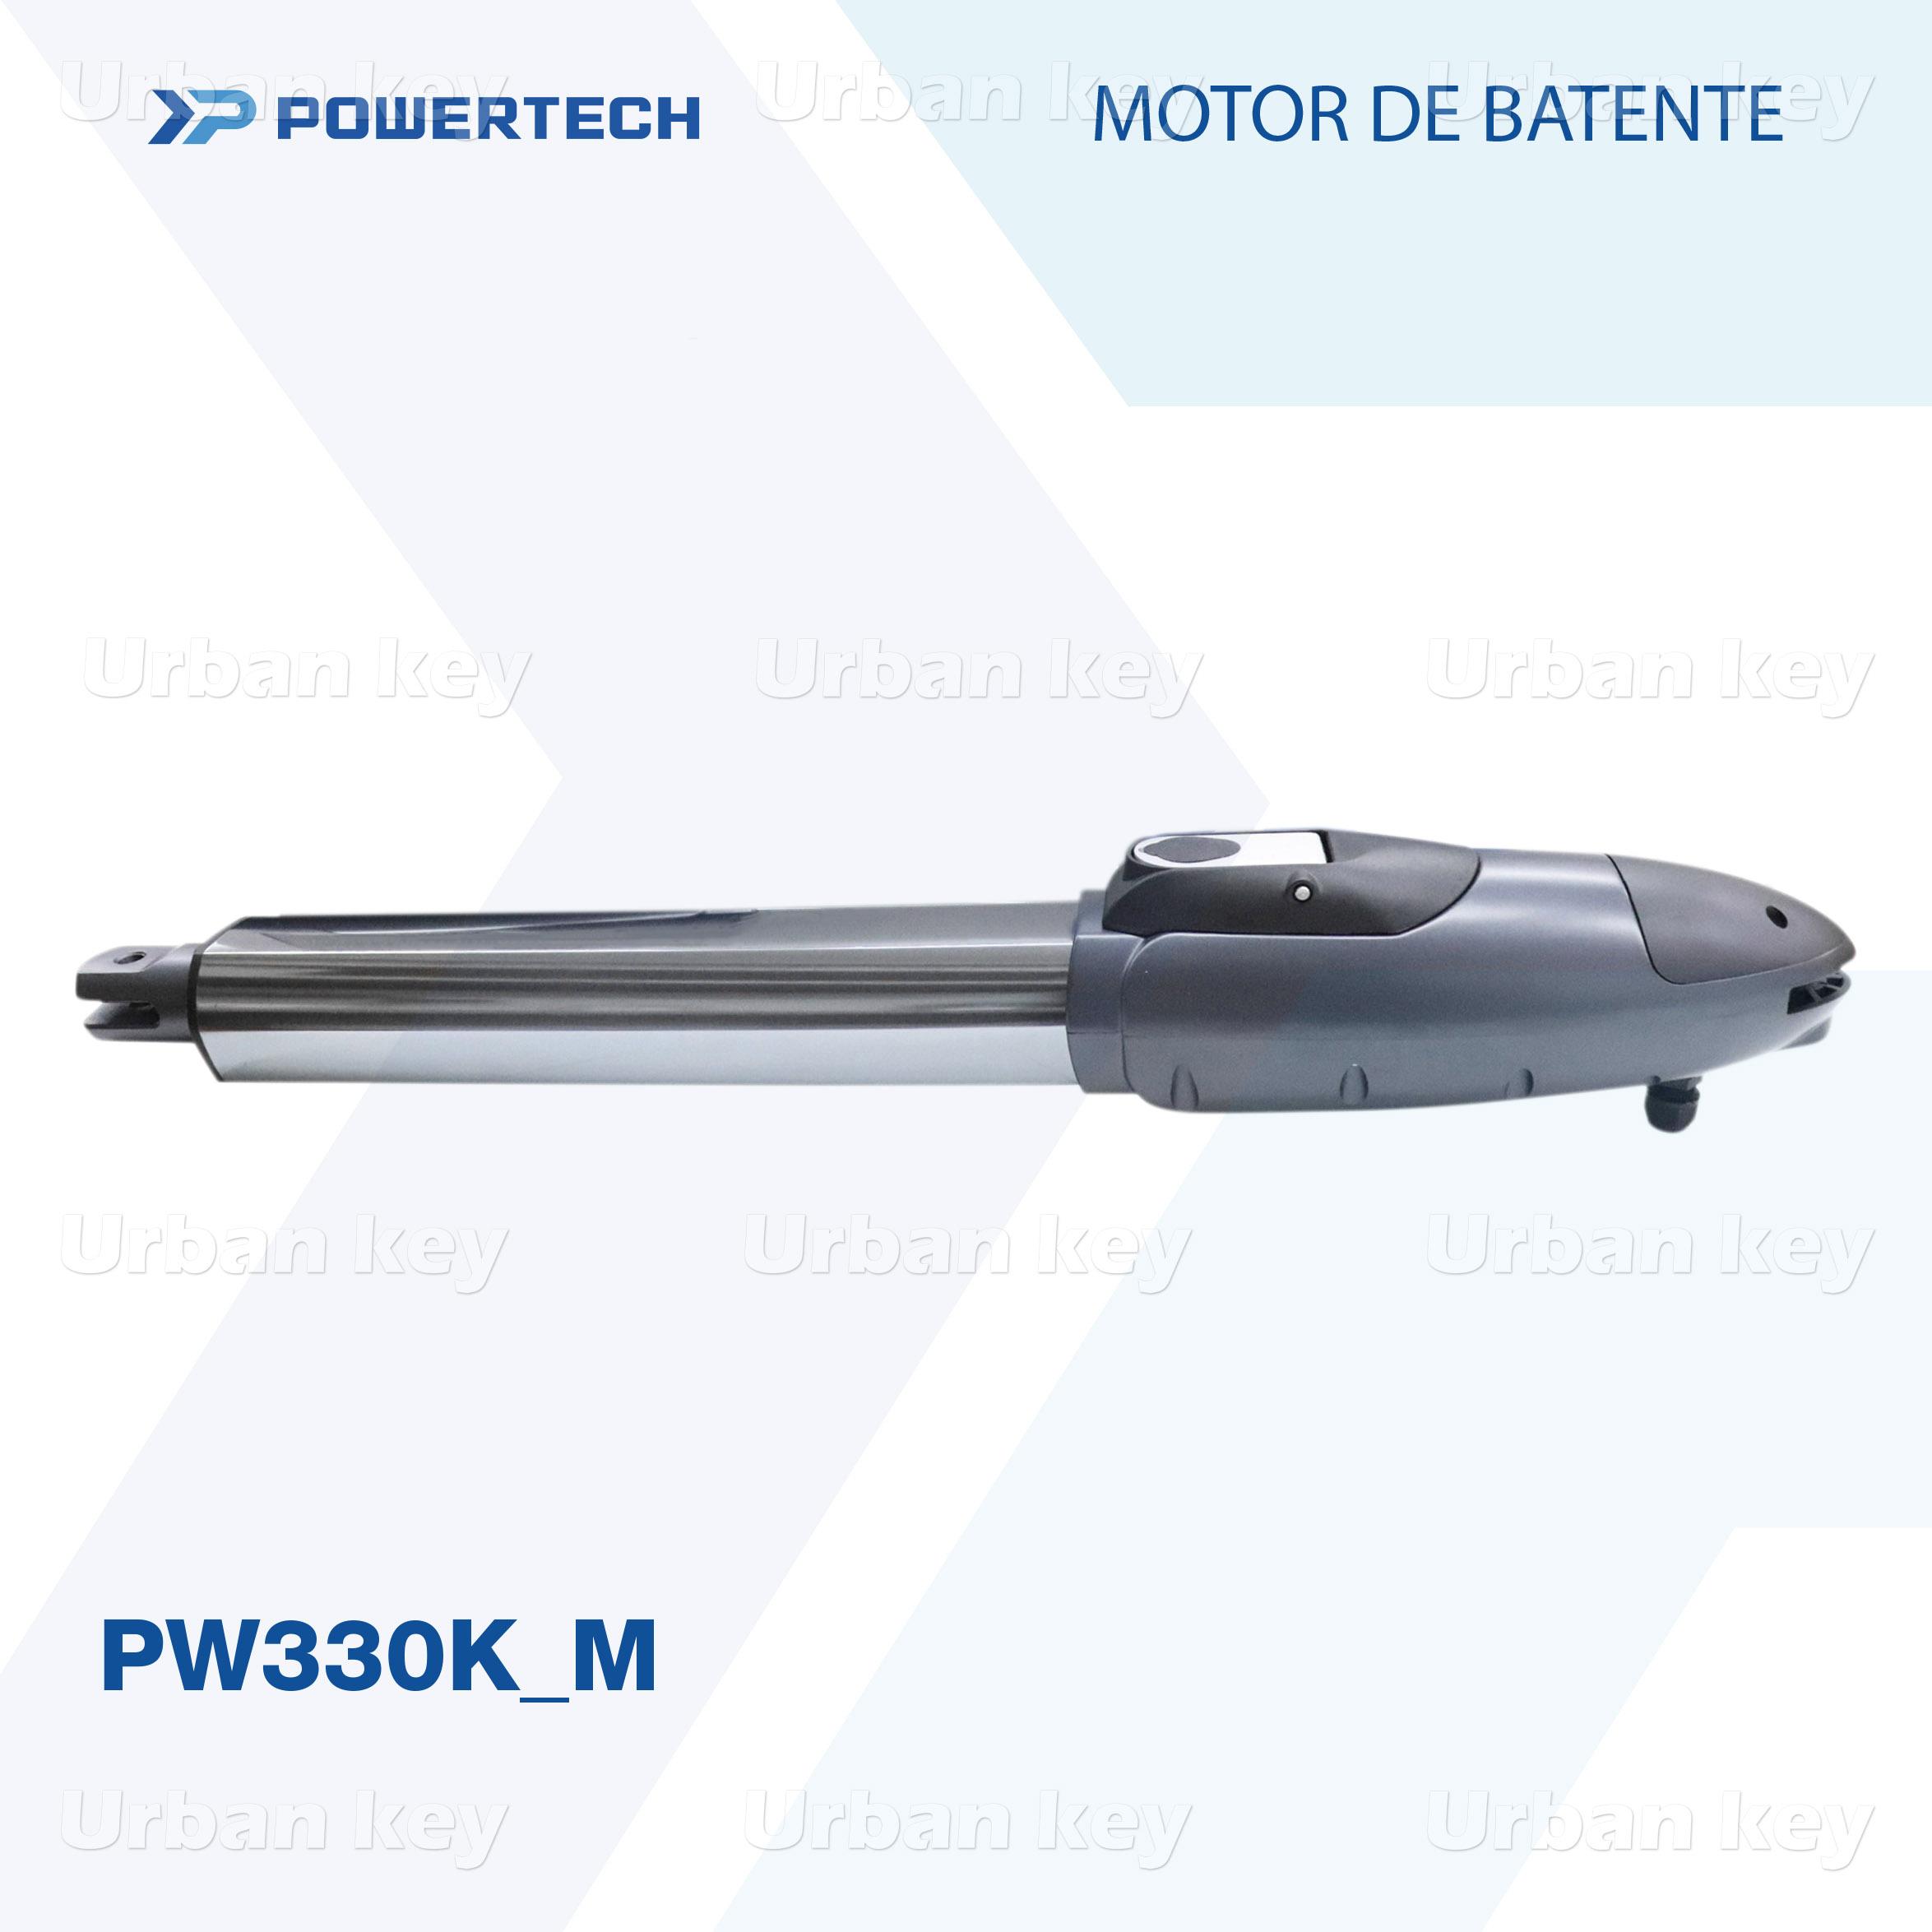 BRACO POWERTECH PW330K-M 24V